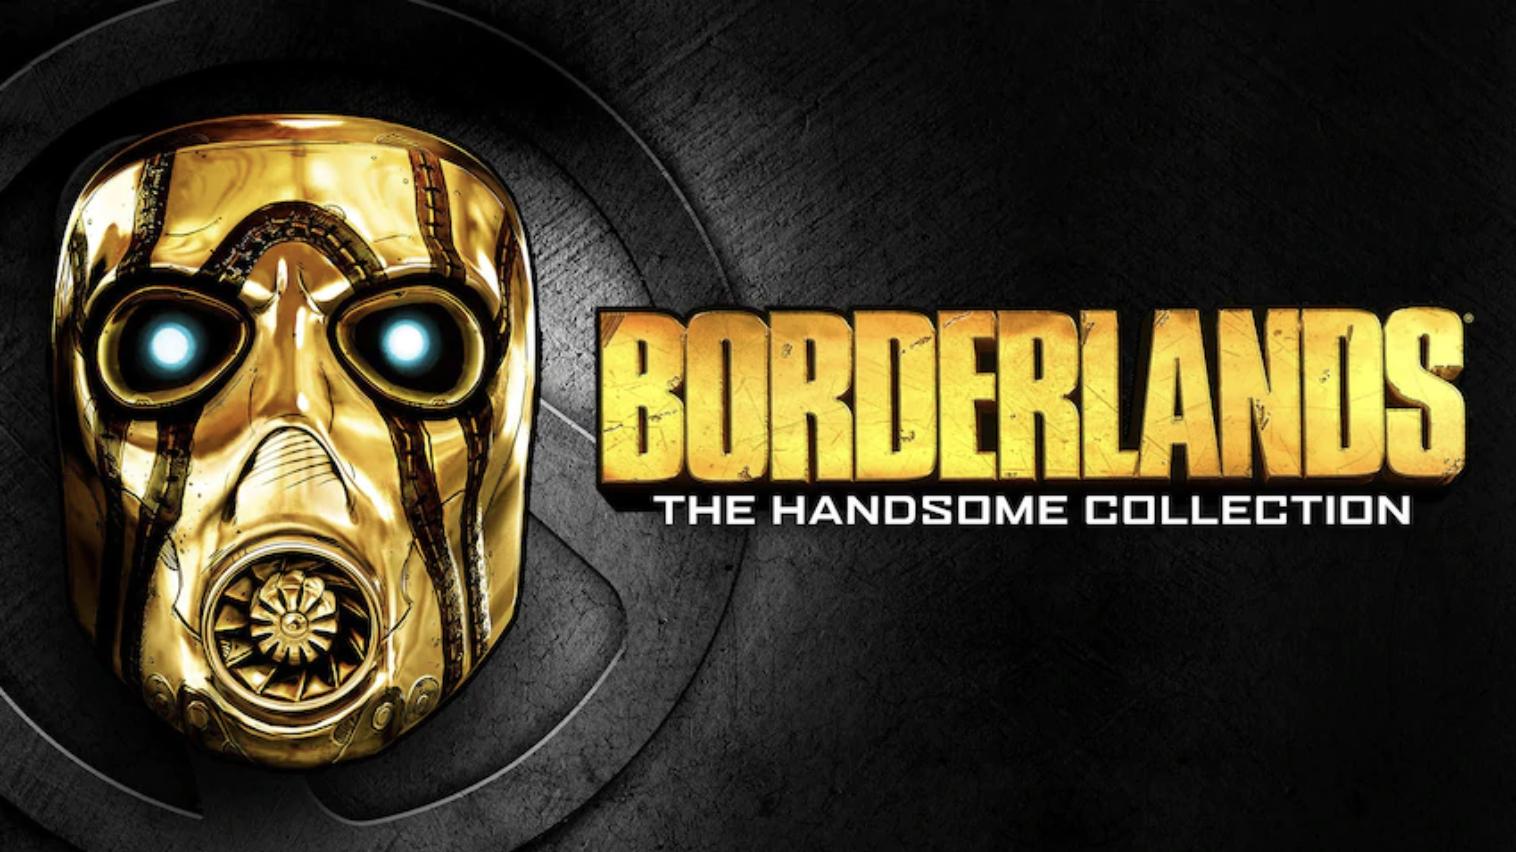 Buenas noticias 'gamers': 'Borderlands, The Handsome Collection', ahora gratis